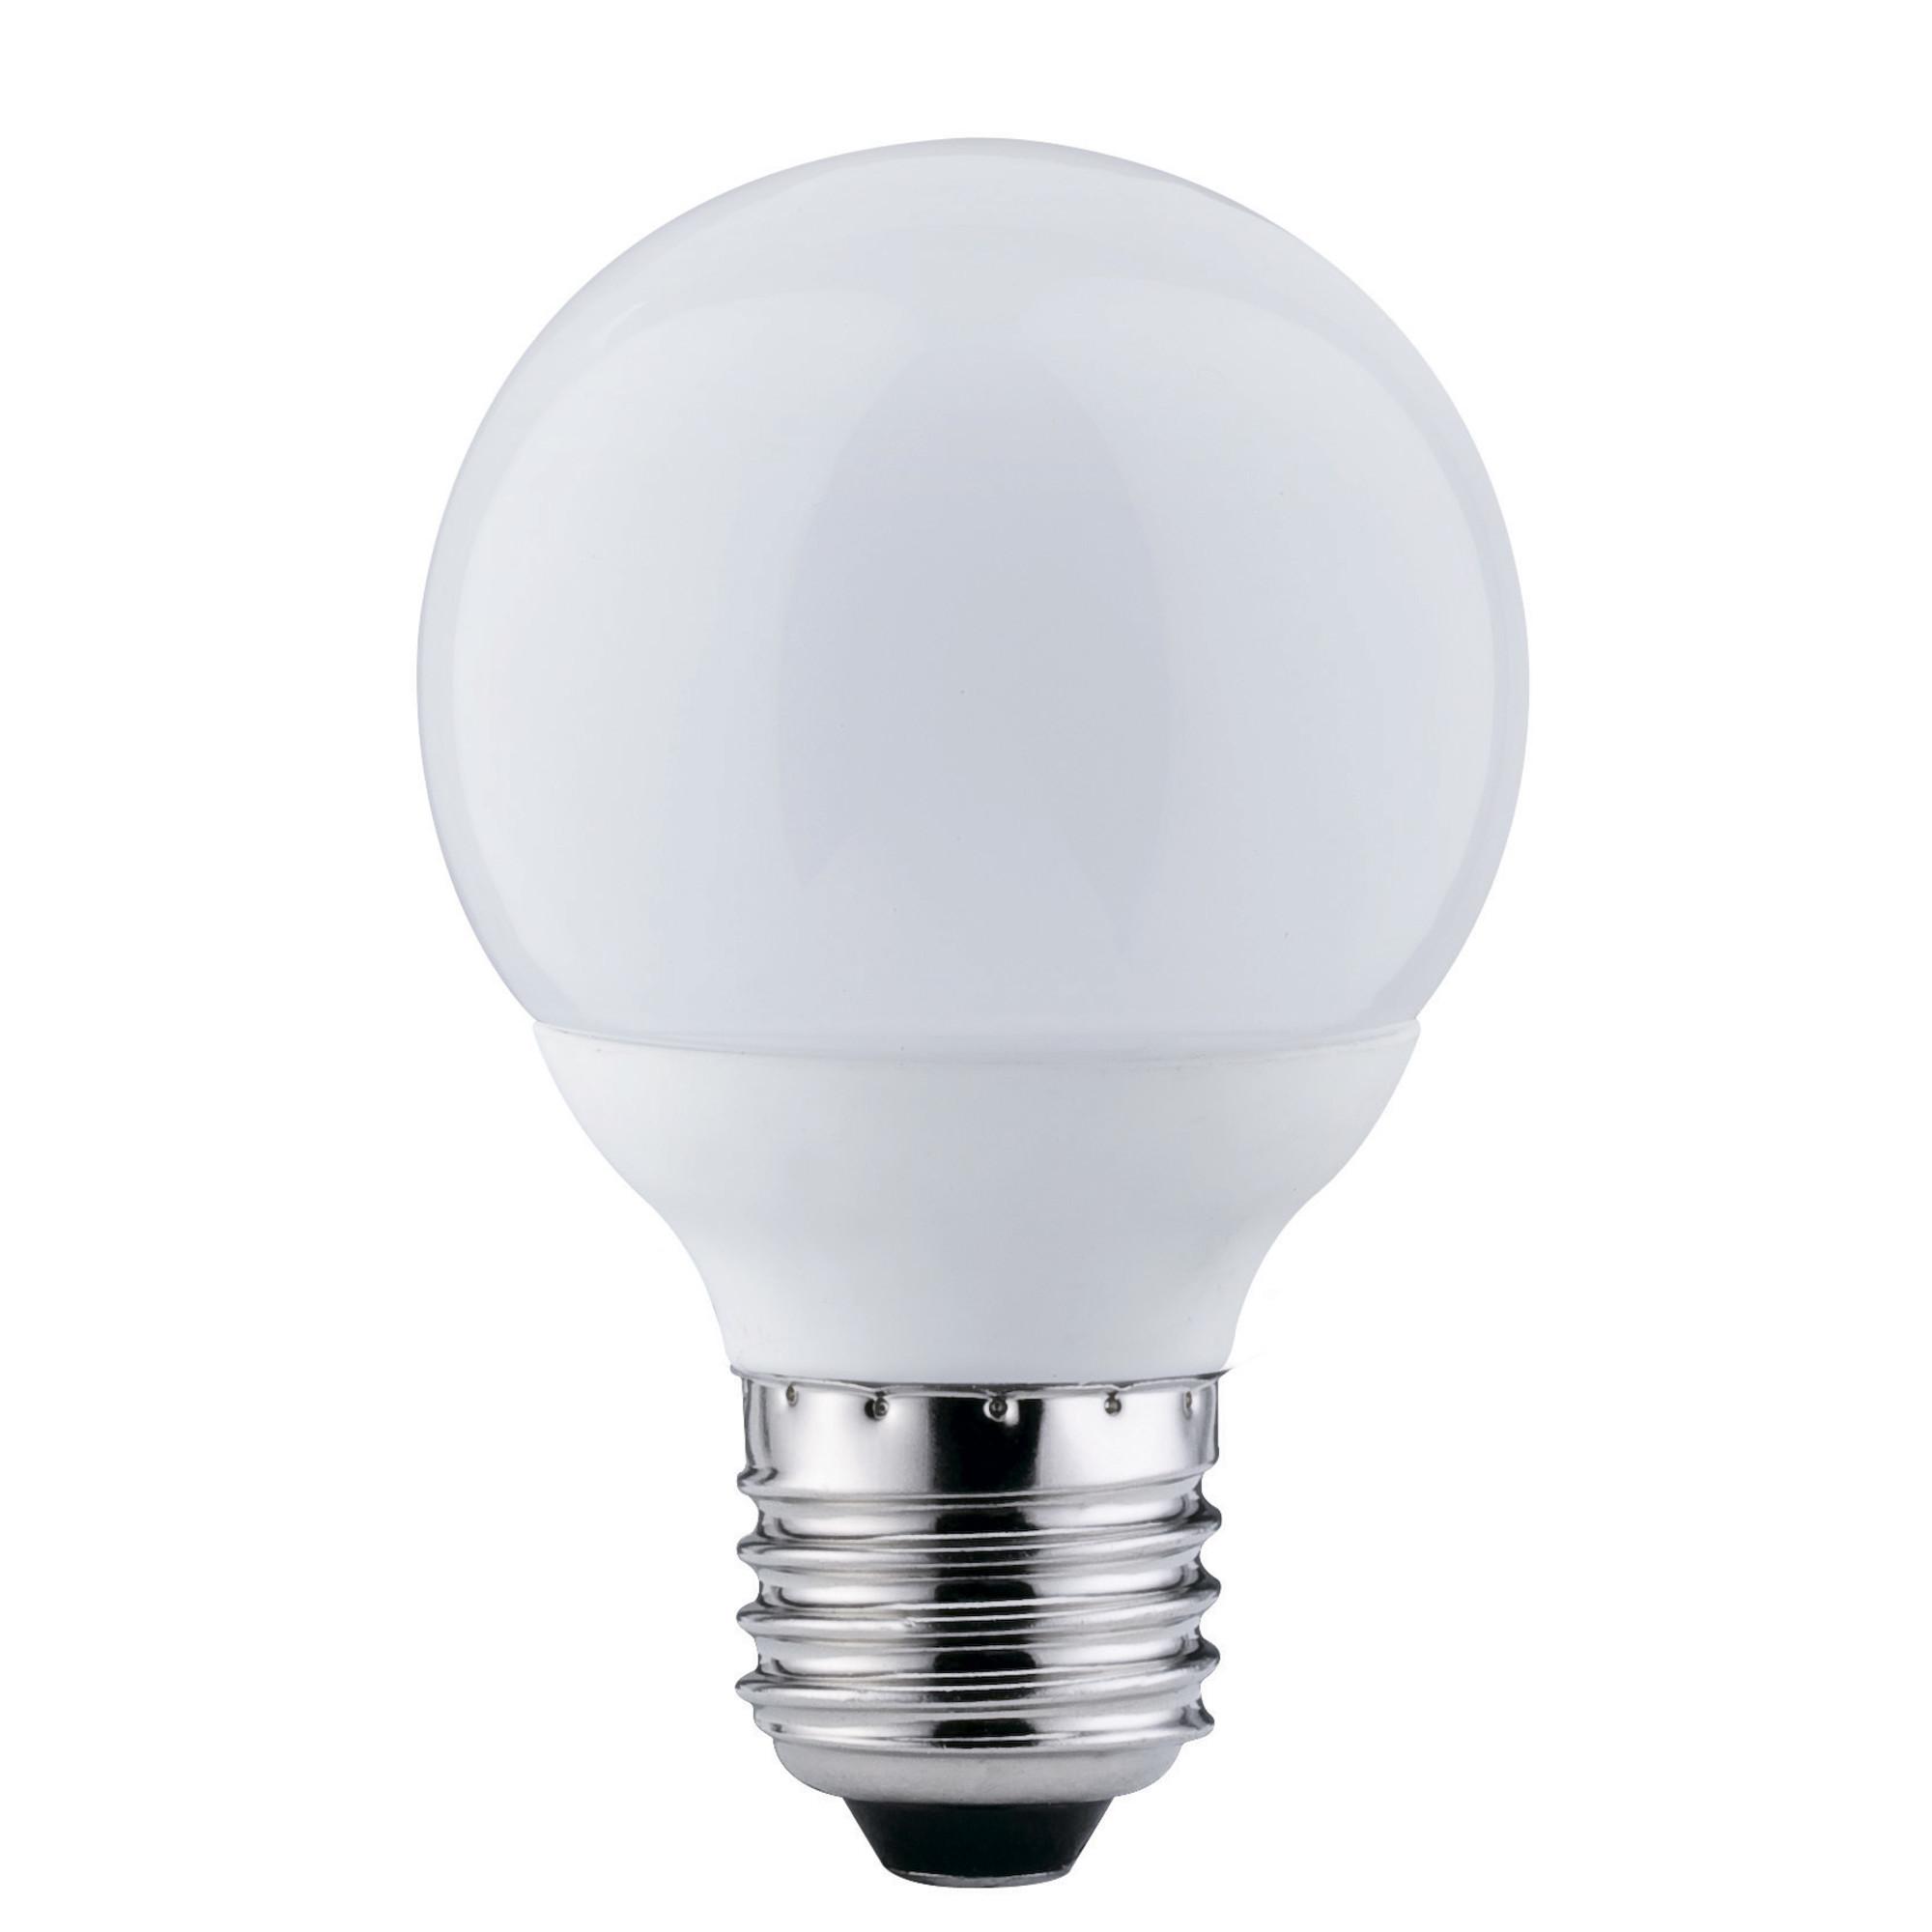 Лампа светодиодная PAULMANN 3391 E27 20 Вт 200 Лм капсула